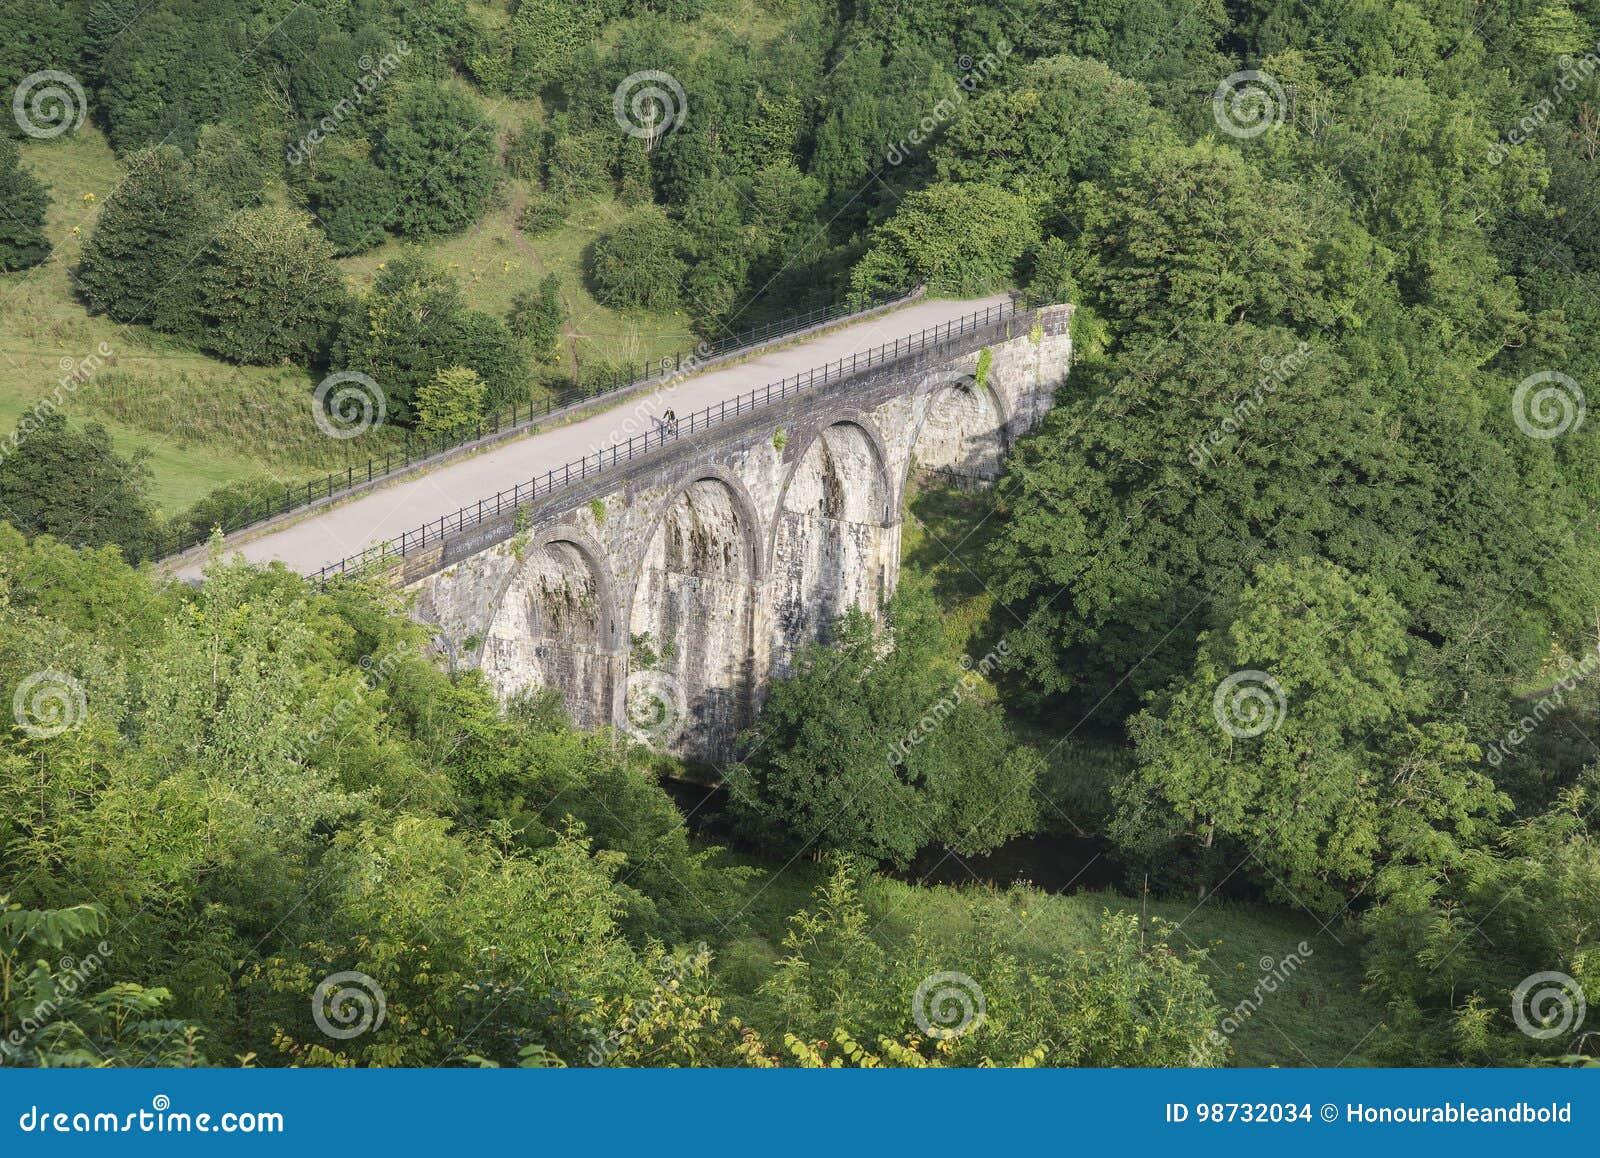 Buntes Landschaftsbild des Grundstein-Viadukts und Monsal gehen herein voran